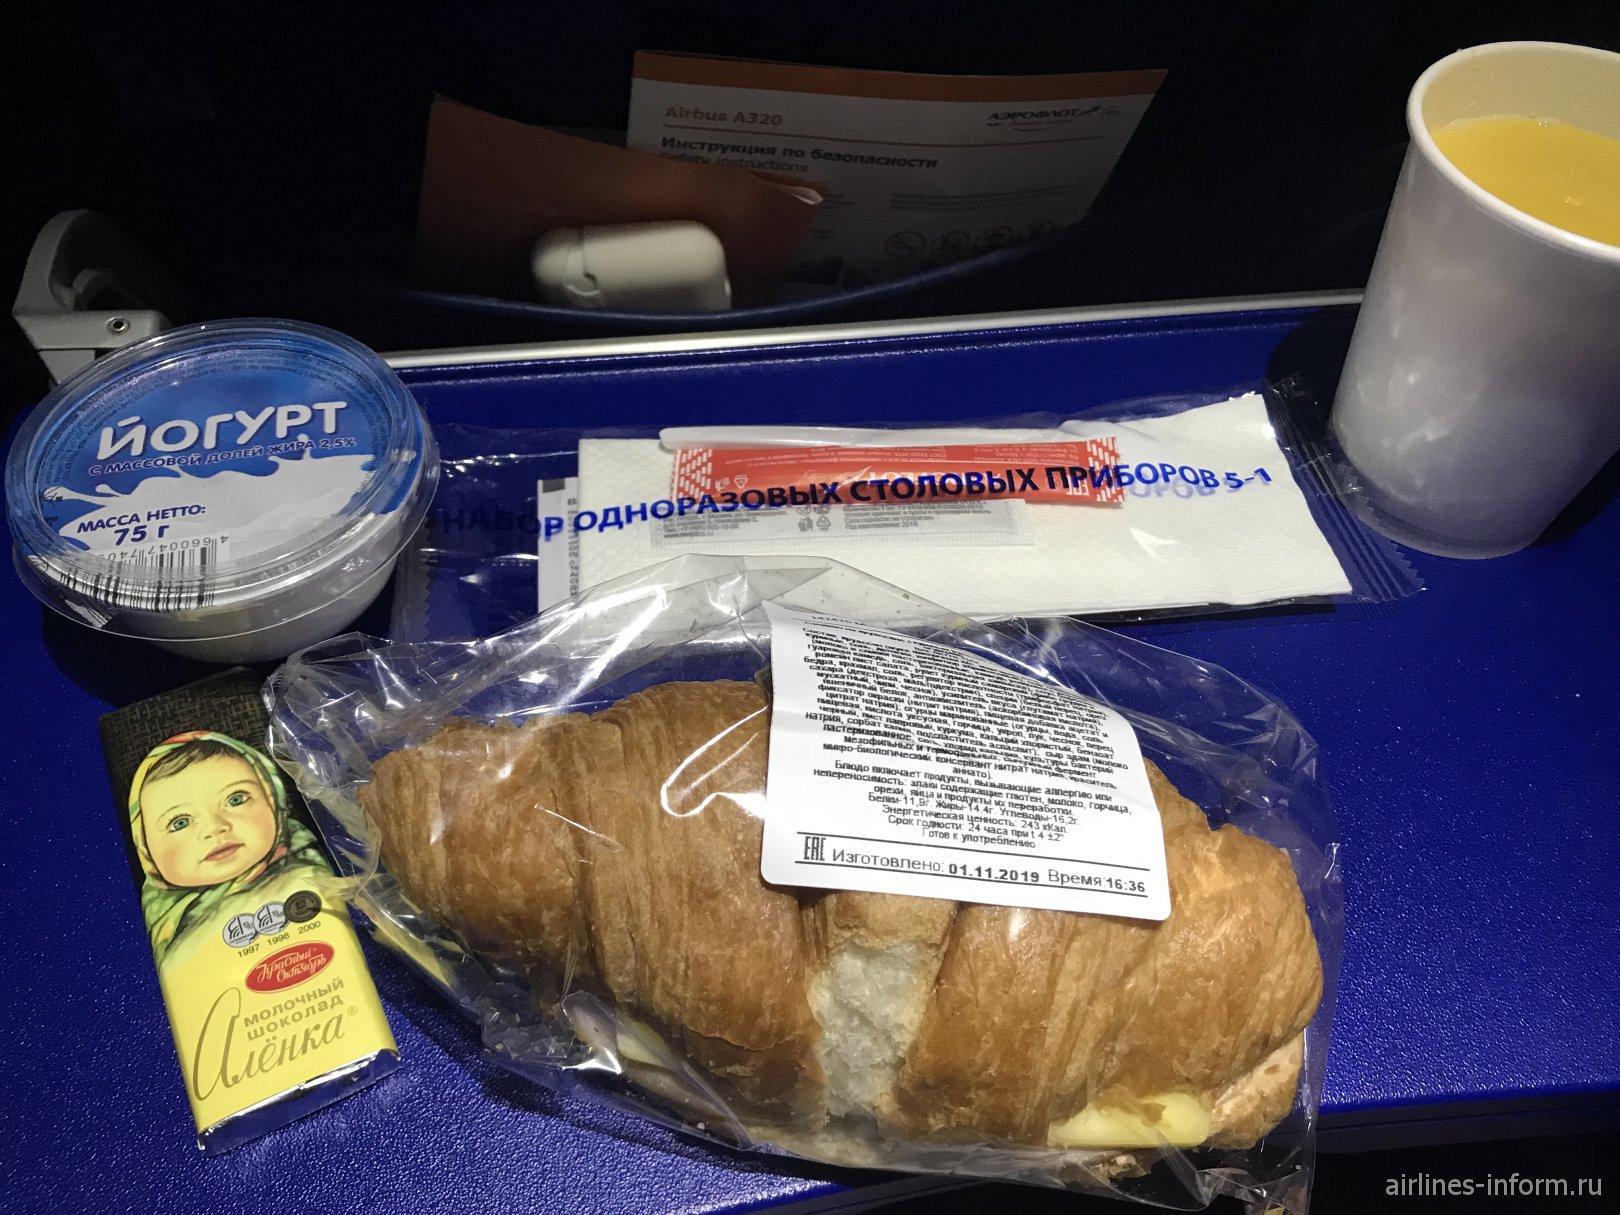 Завтрак на рейсе Аэрофлота Тюмень-Москва